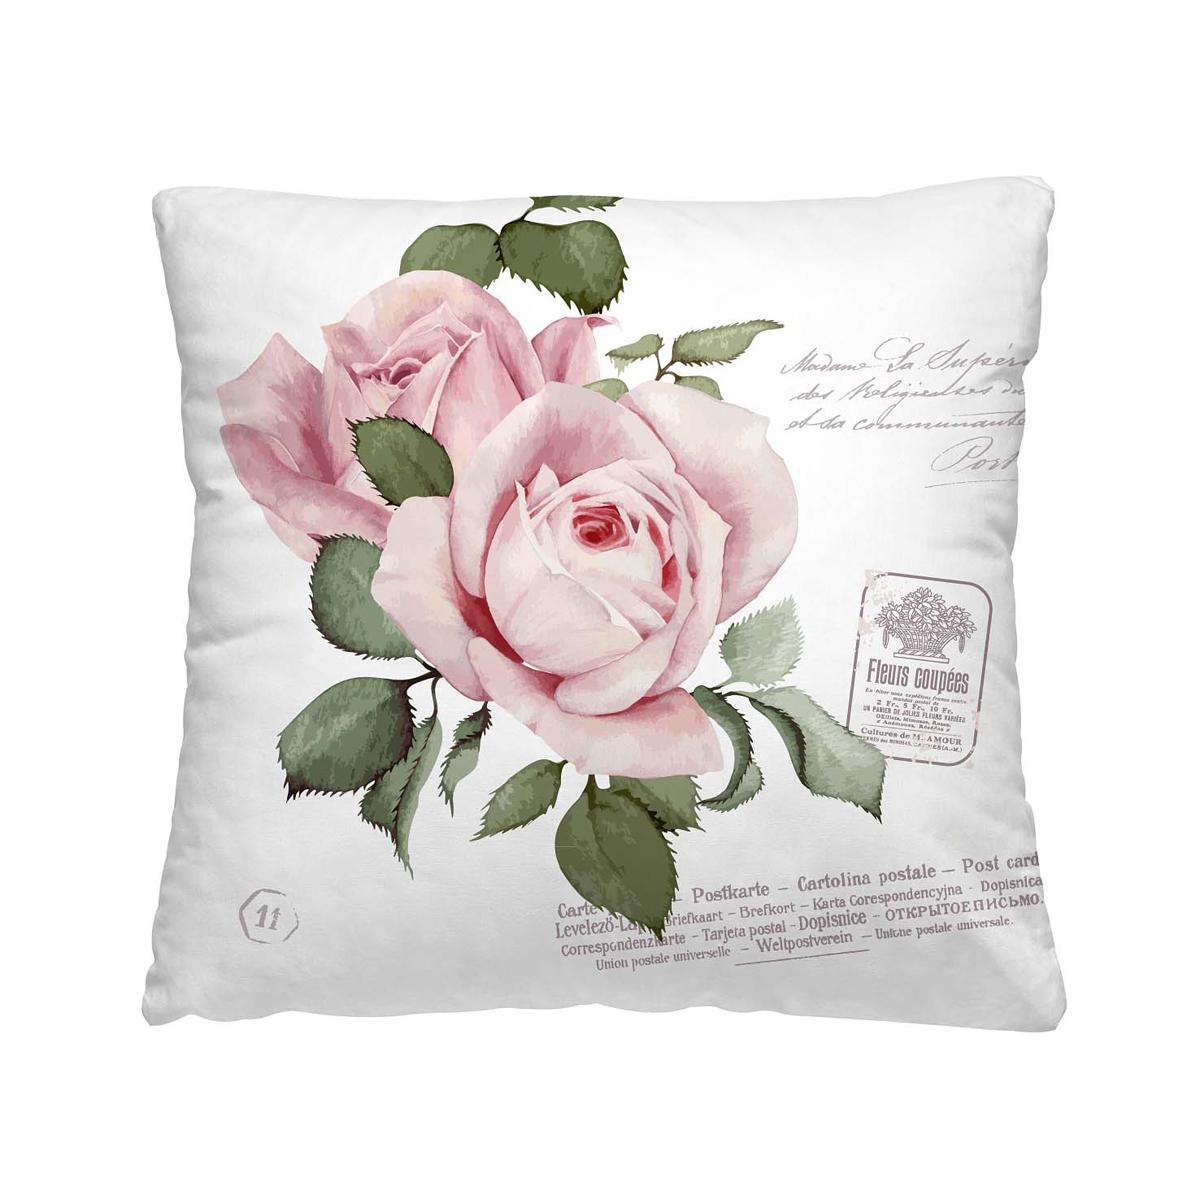 Подушка декоративная Волшебная ночь Розовый бутон, 40 х 40 см подушка декоративная волшебная ночь красные тюльпаны 40 х 40 см